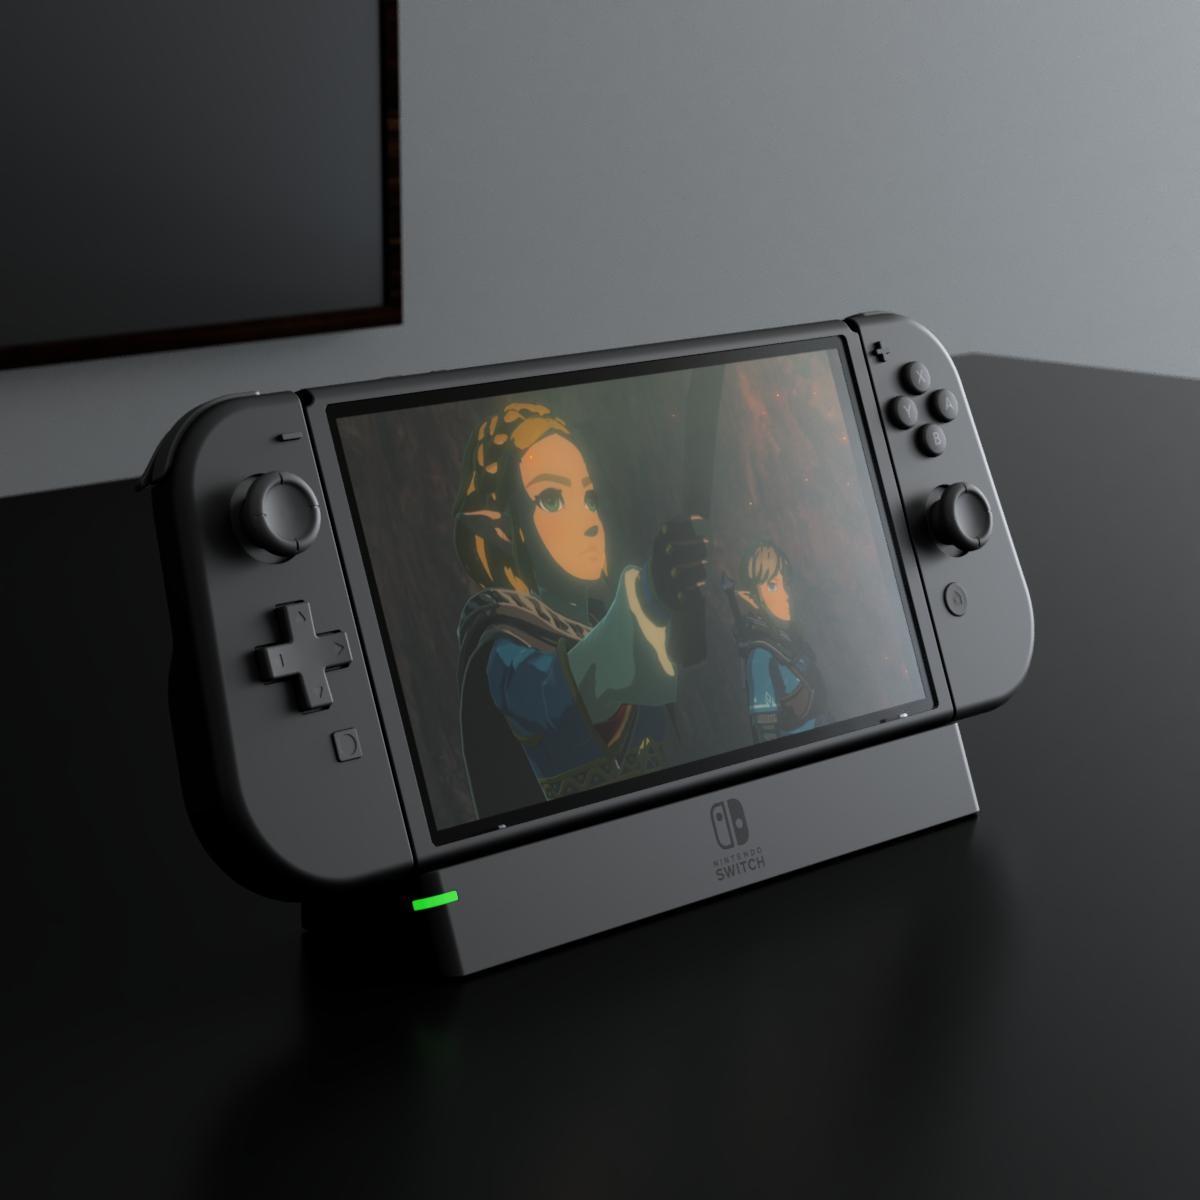 新型Switch谍照曝光 外观更加典雅成熟气质提升